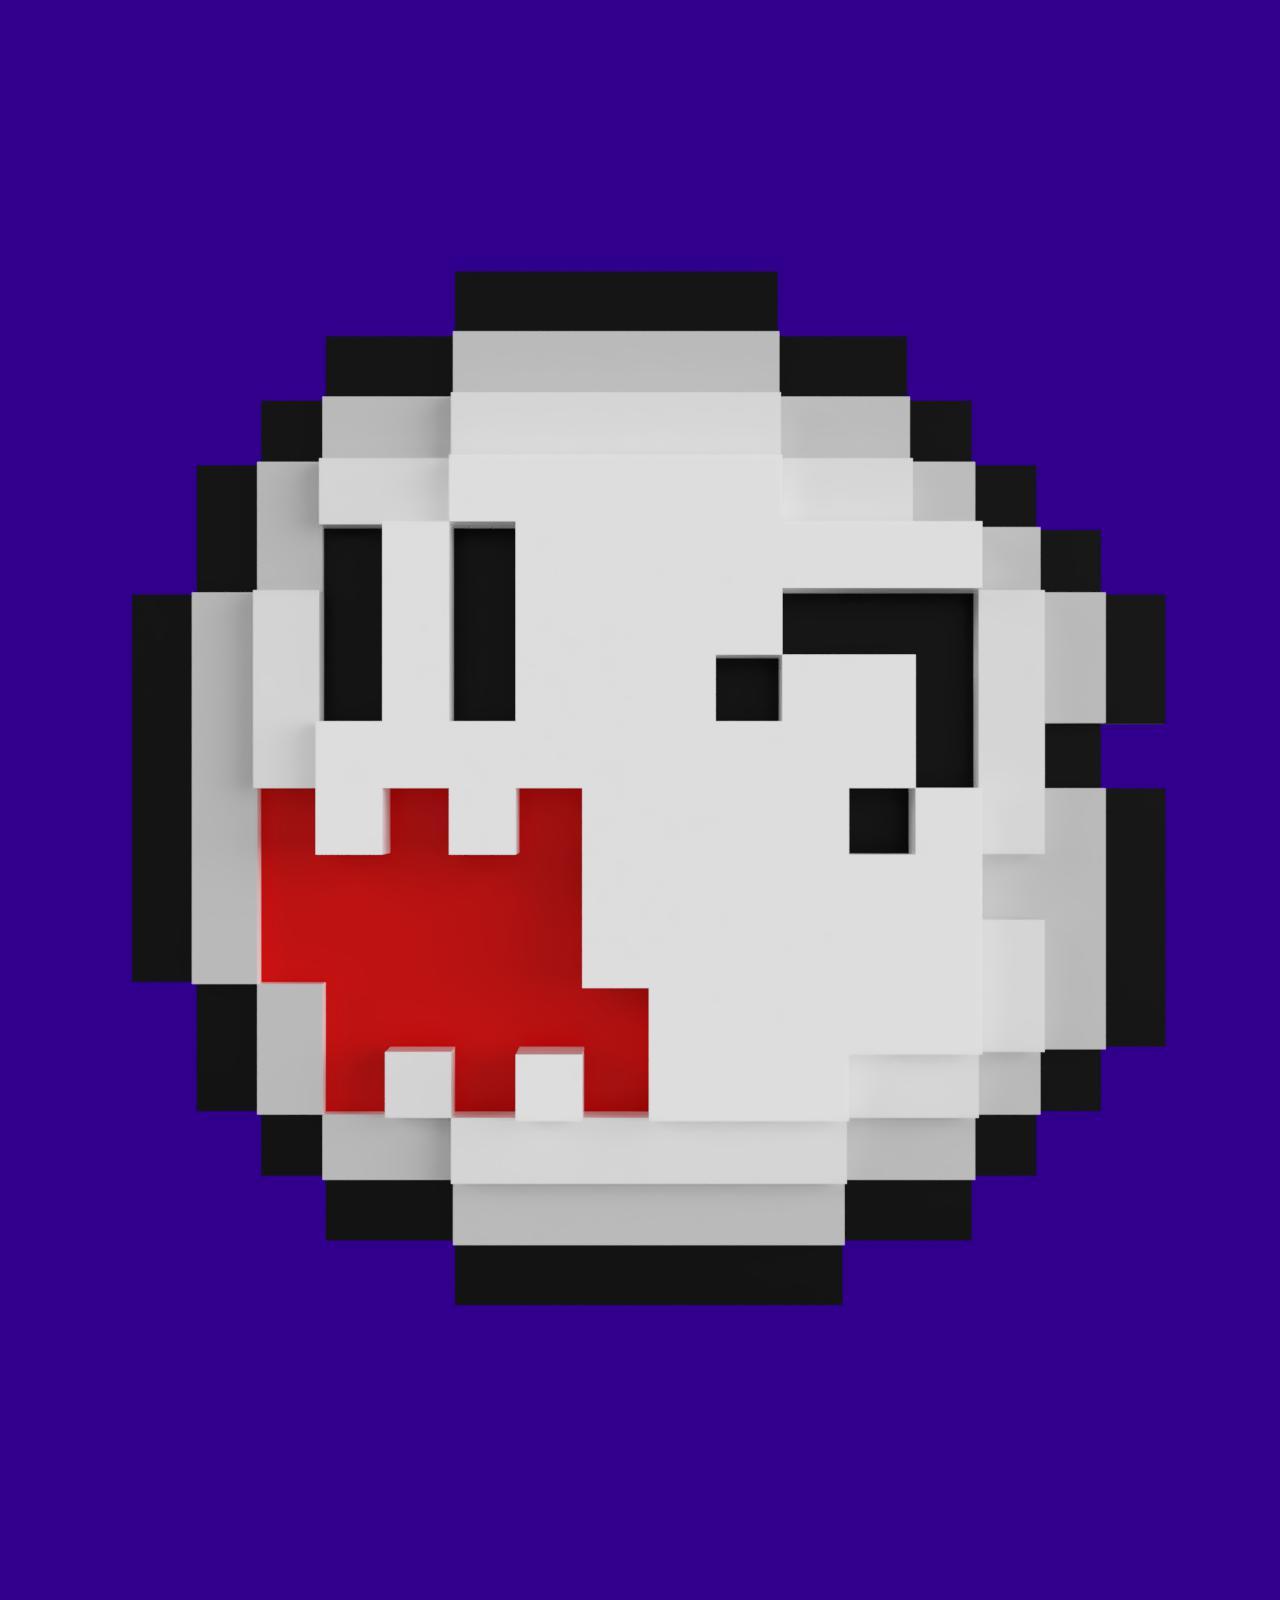 PixelBoo_2019-Aug-29_04-53-48PM-000_CustomizedView28781006241.jpg Télécharger fichier STL gratuit Pixel Boo • Modèle imprimable en 3D, Shigeryu